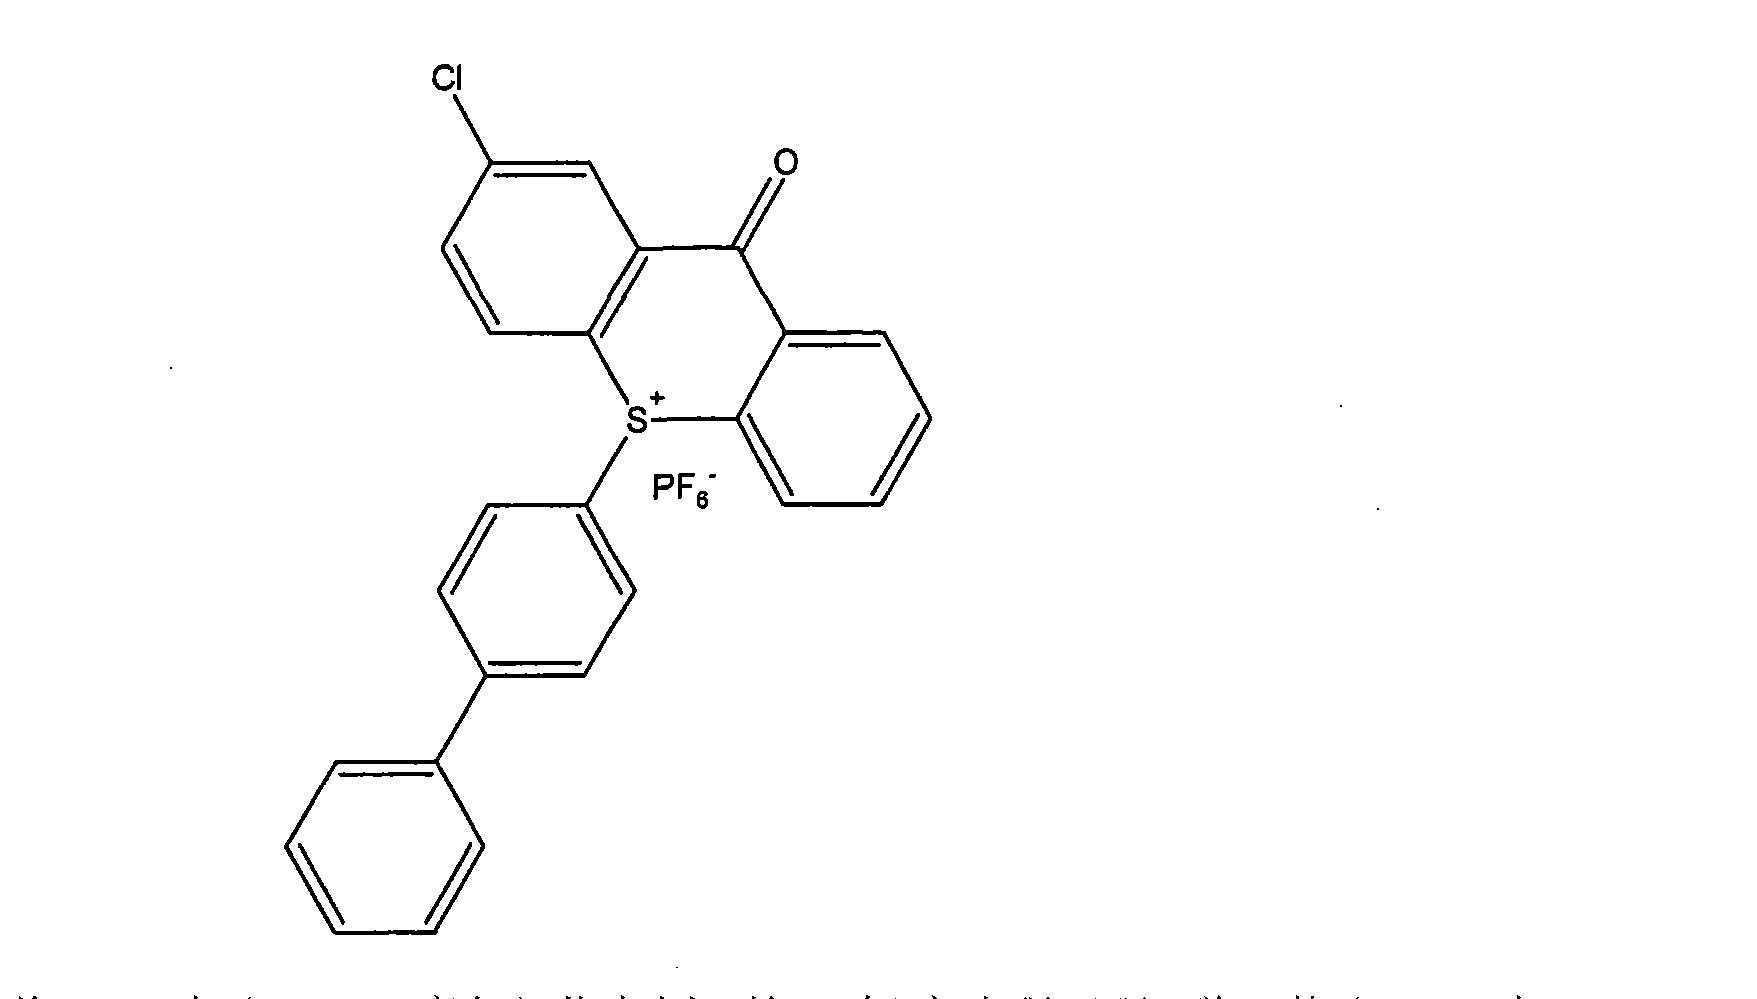 [0029] 的残基是被取代或者未被取代的噻蒽(thianthrene)、硫荷(dibenzothiophene)、 噻吨酮(thioxanthone)、噻吨(thioxanthene)、吩氧硫杂环己二烯(phenoxathiin)或吩噻嗪(phenothiazine)残基的化合物,尤其是上述残基为被取代噻吨酮残基的化合物。[0030] 其中R4、R5、R6或R7代表一个含I至20个碳原子的烷基基团,最好是I至10个碳原子的烷基,若为I至6个碳原子的烷基更好,若为I至3个碳原子的烷基则更是再理想不过的了